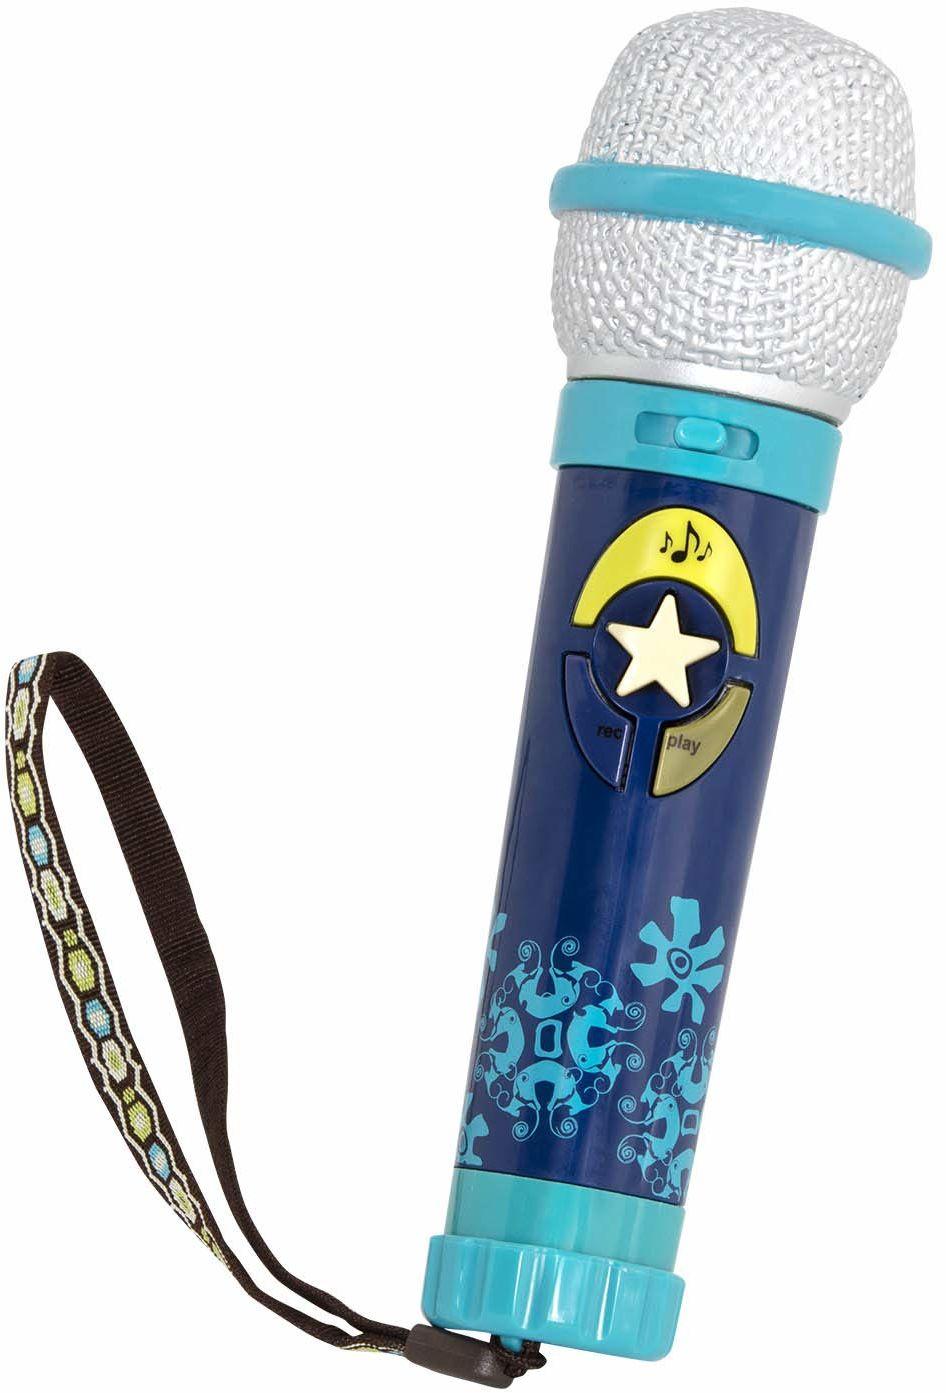 B. Toys BX1850Z Okideoke mikrofon zabawkowy, wielokolorowy